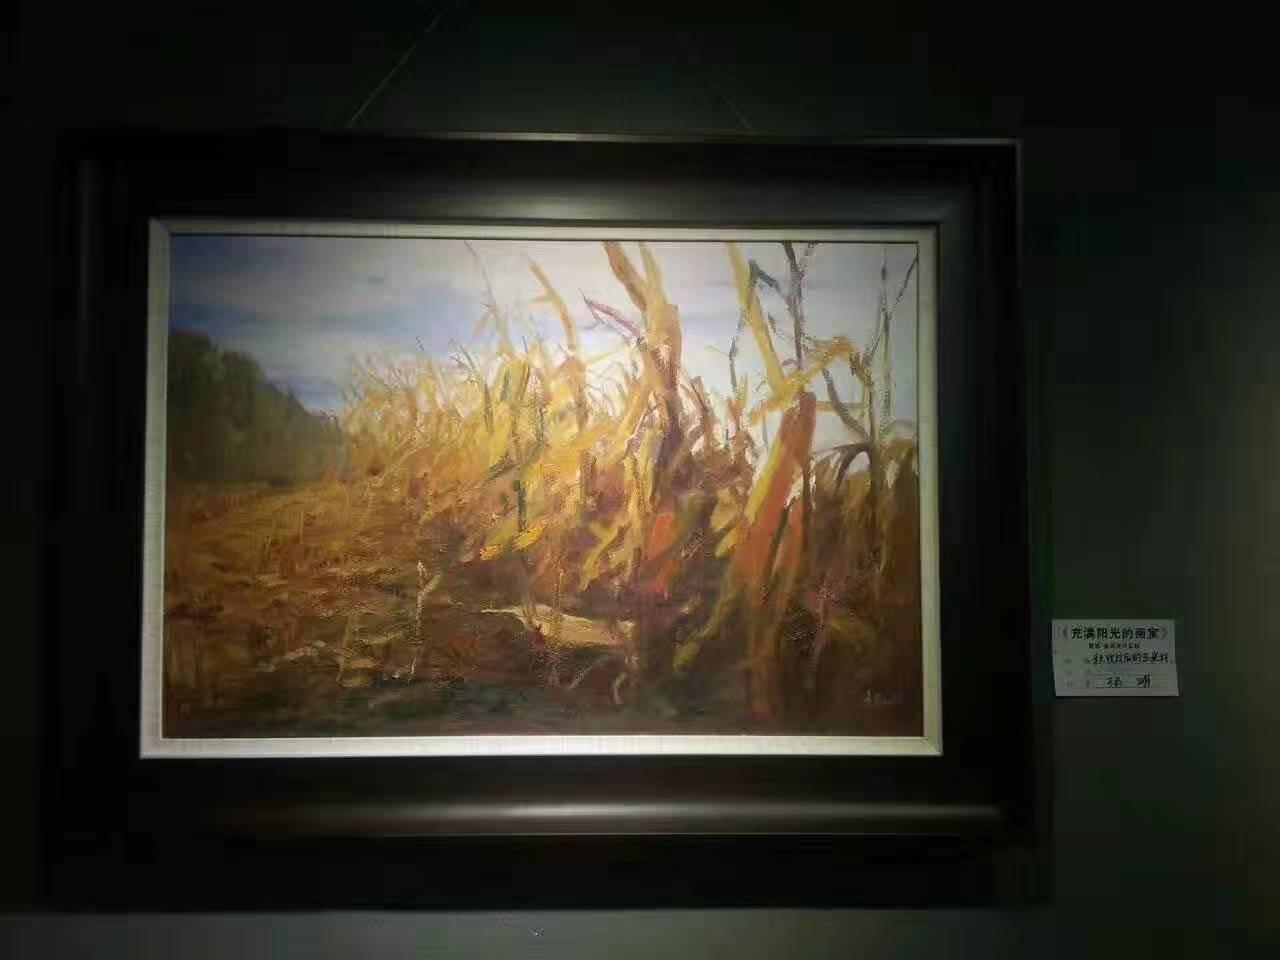 杨明原创作品《秋收过后的玉米秆》